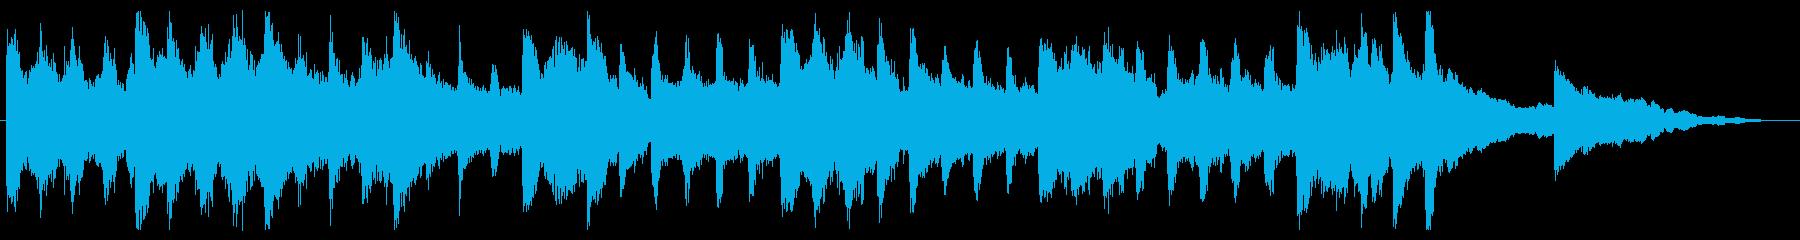 ティーン クラシック交響曲 劇的な...の再生済みの波形